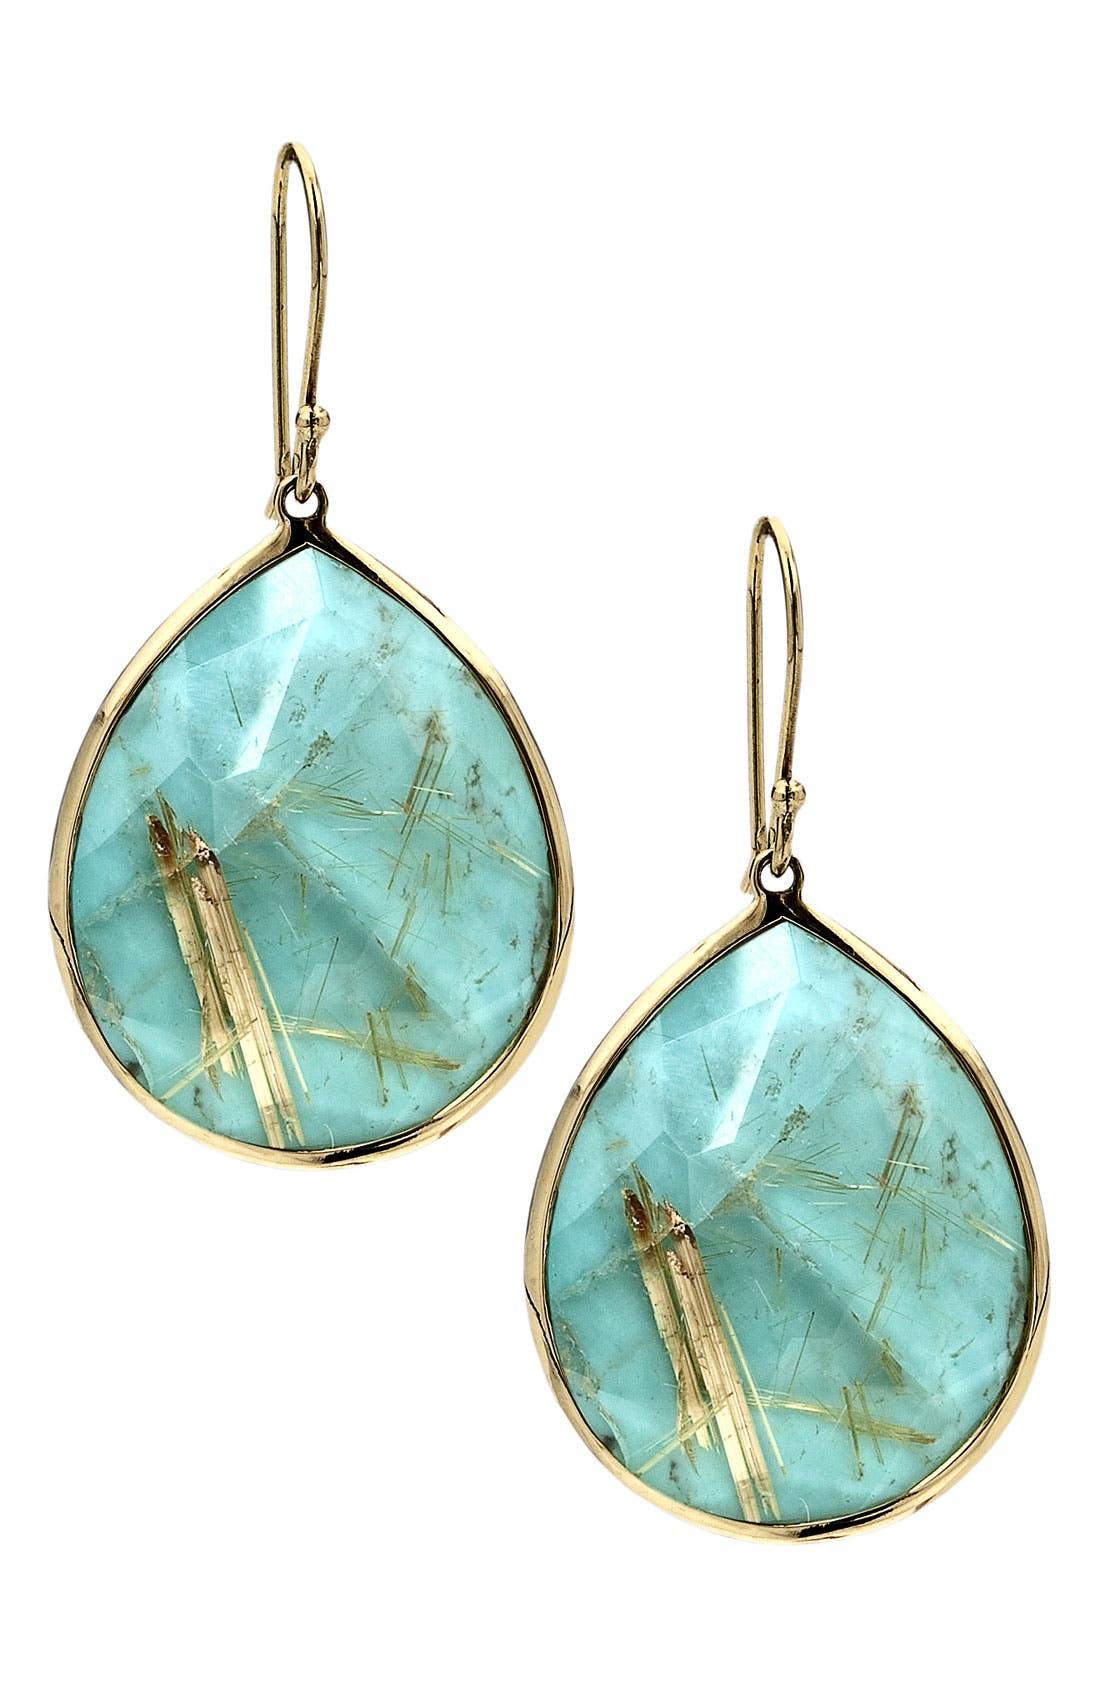 Main Image - Ippolita 'Rock Candy - Large Teardrop' 18k Gold Earrings